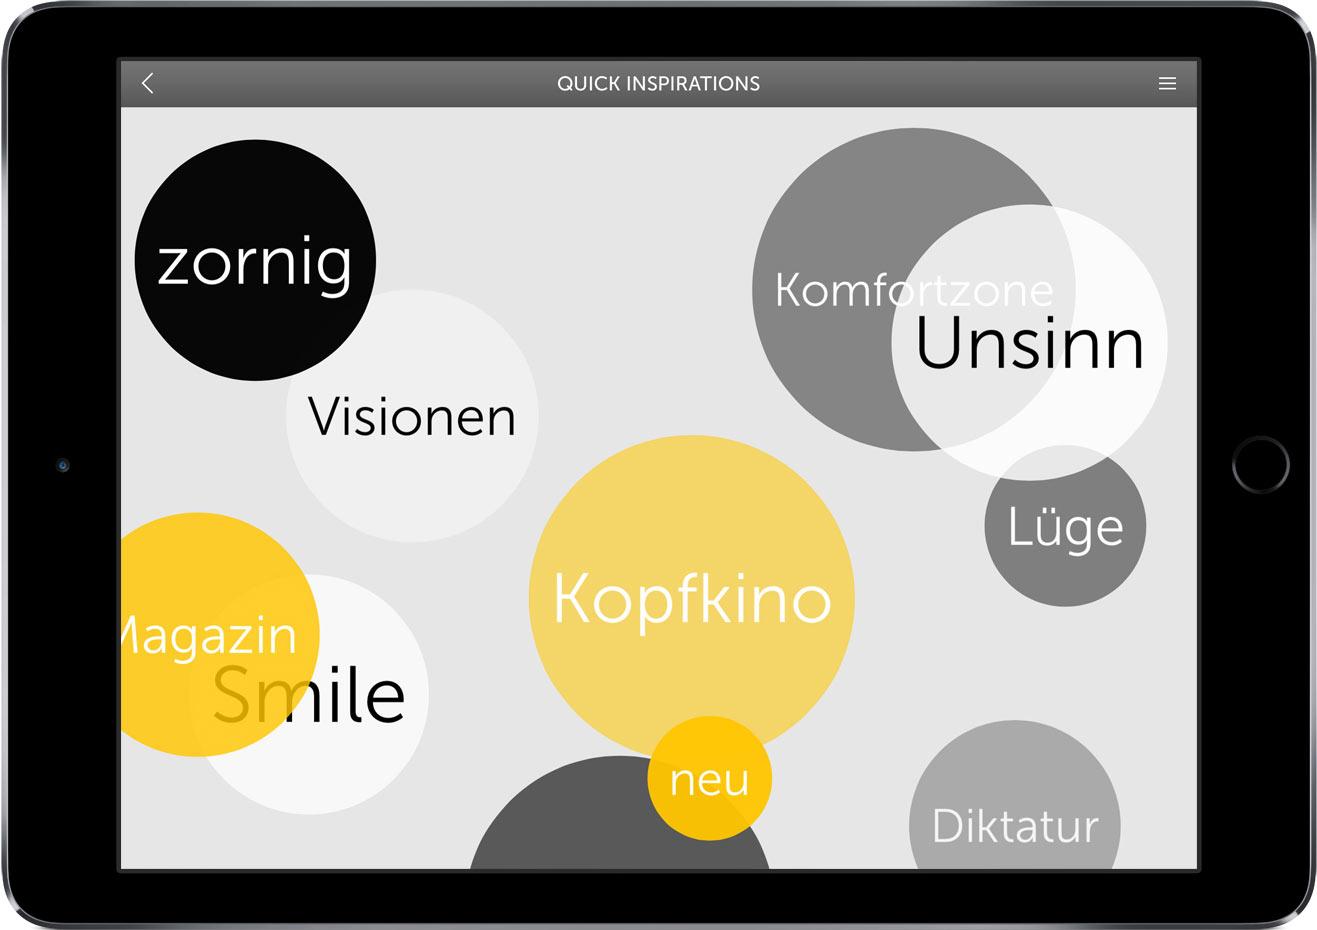 Die Kreativmethode »Mind Jumble Words«, eine Art Dehnübung für unser Sprachzentrum, verknüpft weit auseinander liegende Begriffe … dazwischen ergibt sich Platz für neue Assoziationen